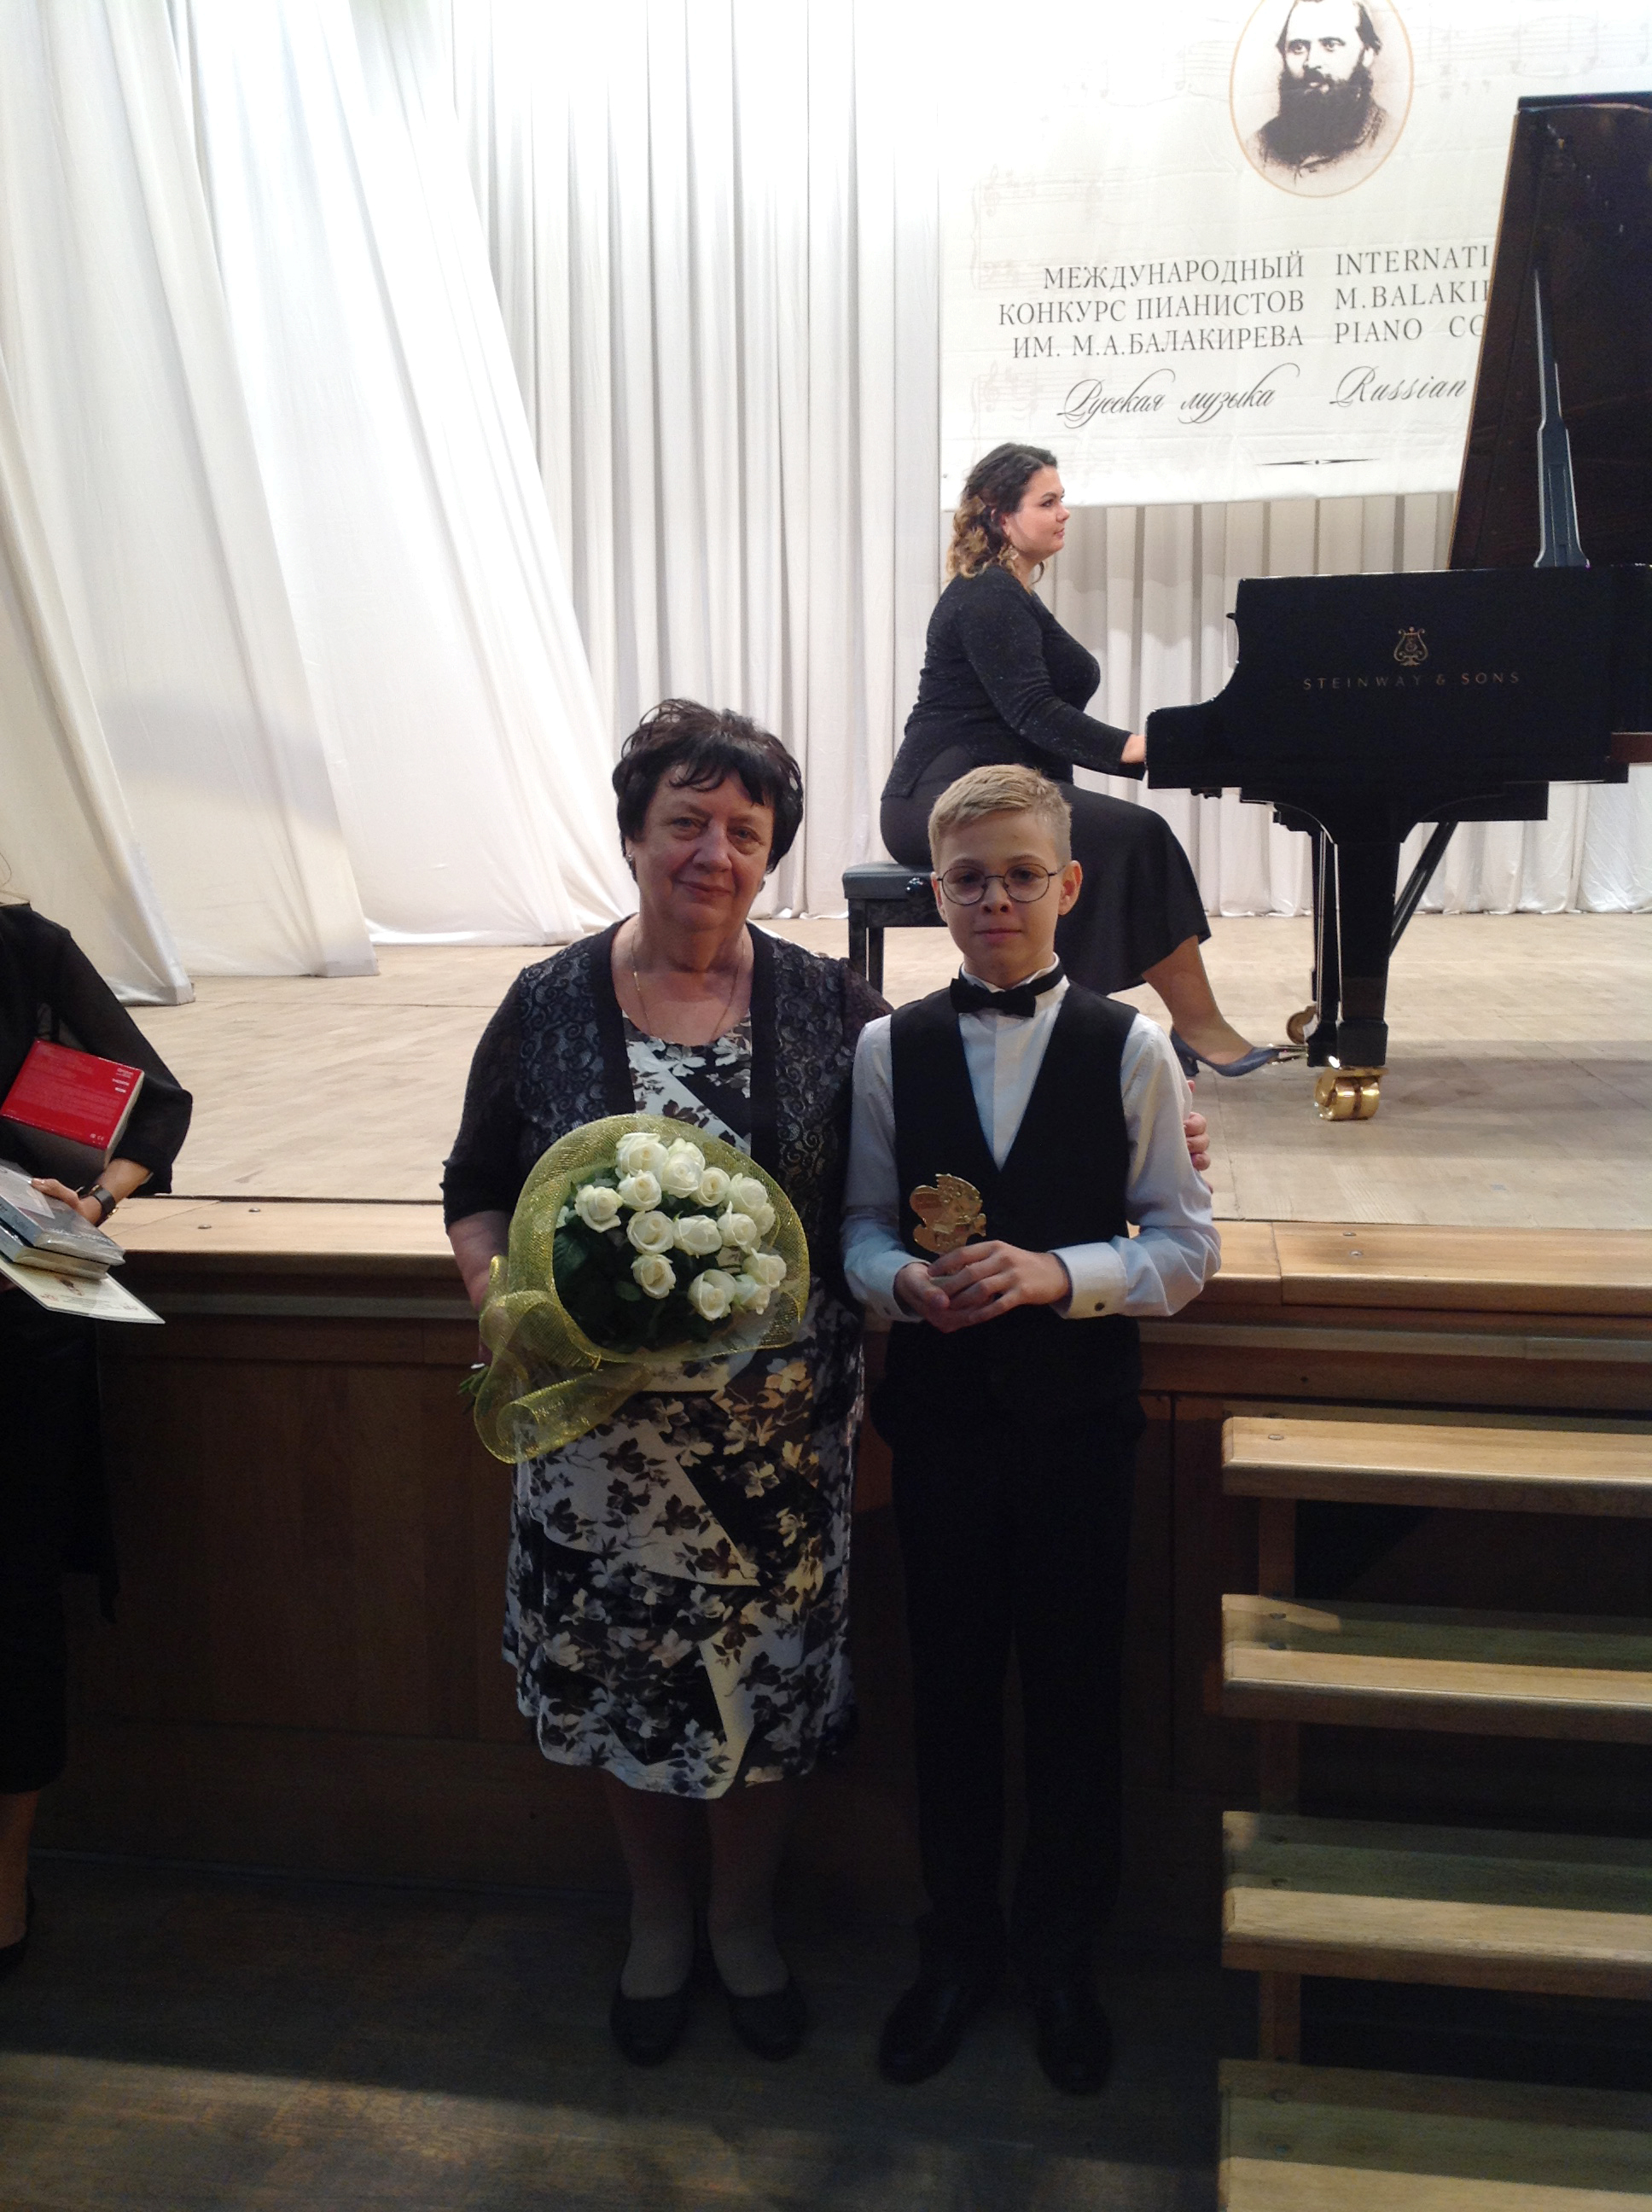 Международный конкурс пианистов имбалакирева